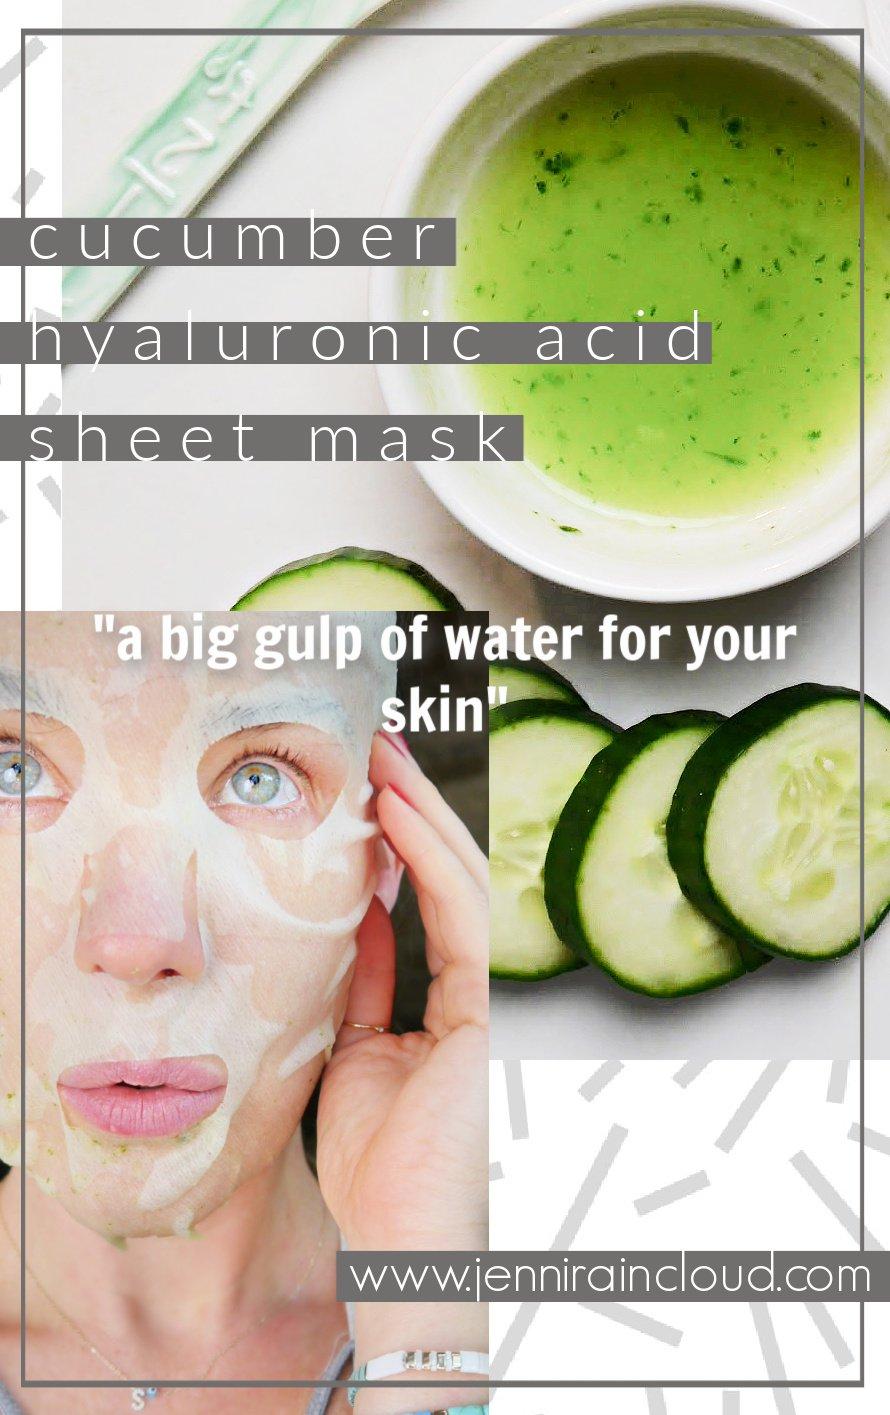 DIY Cucumber Hyaluronic Acid Sheet Mask Recipe Pinterest